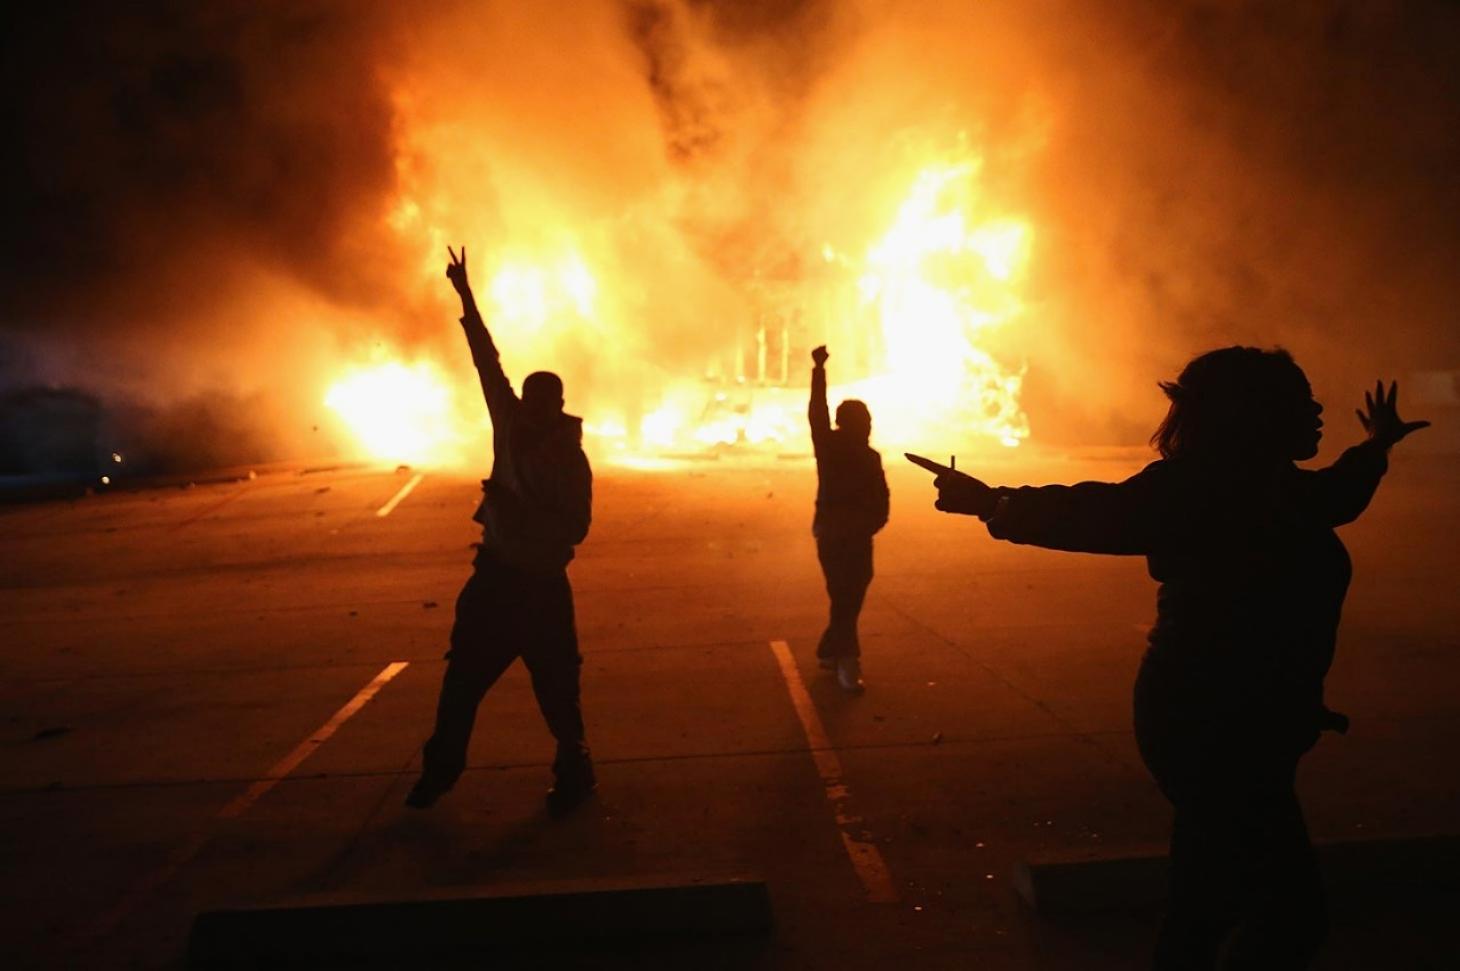 riots in america - photo #41